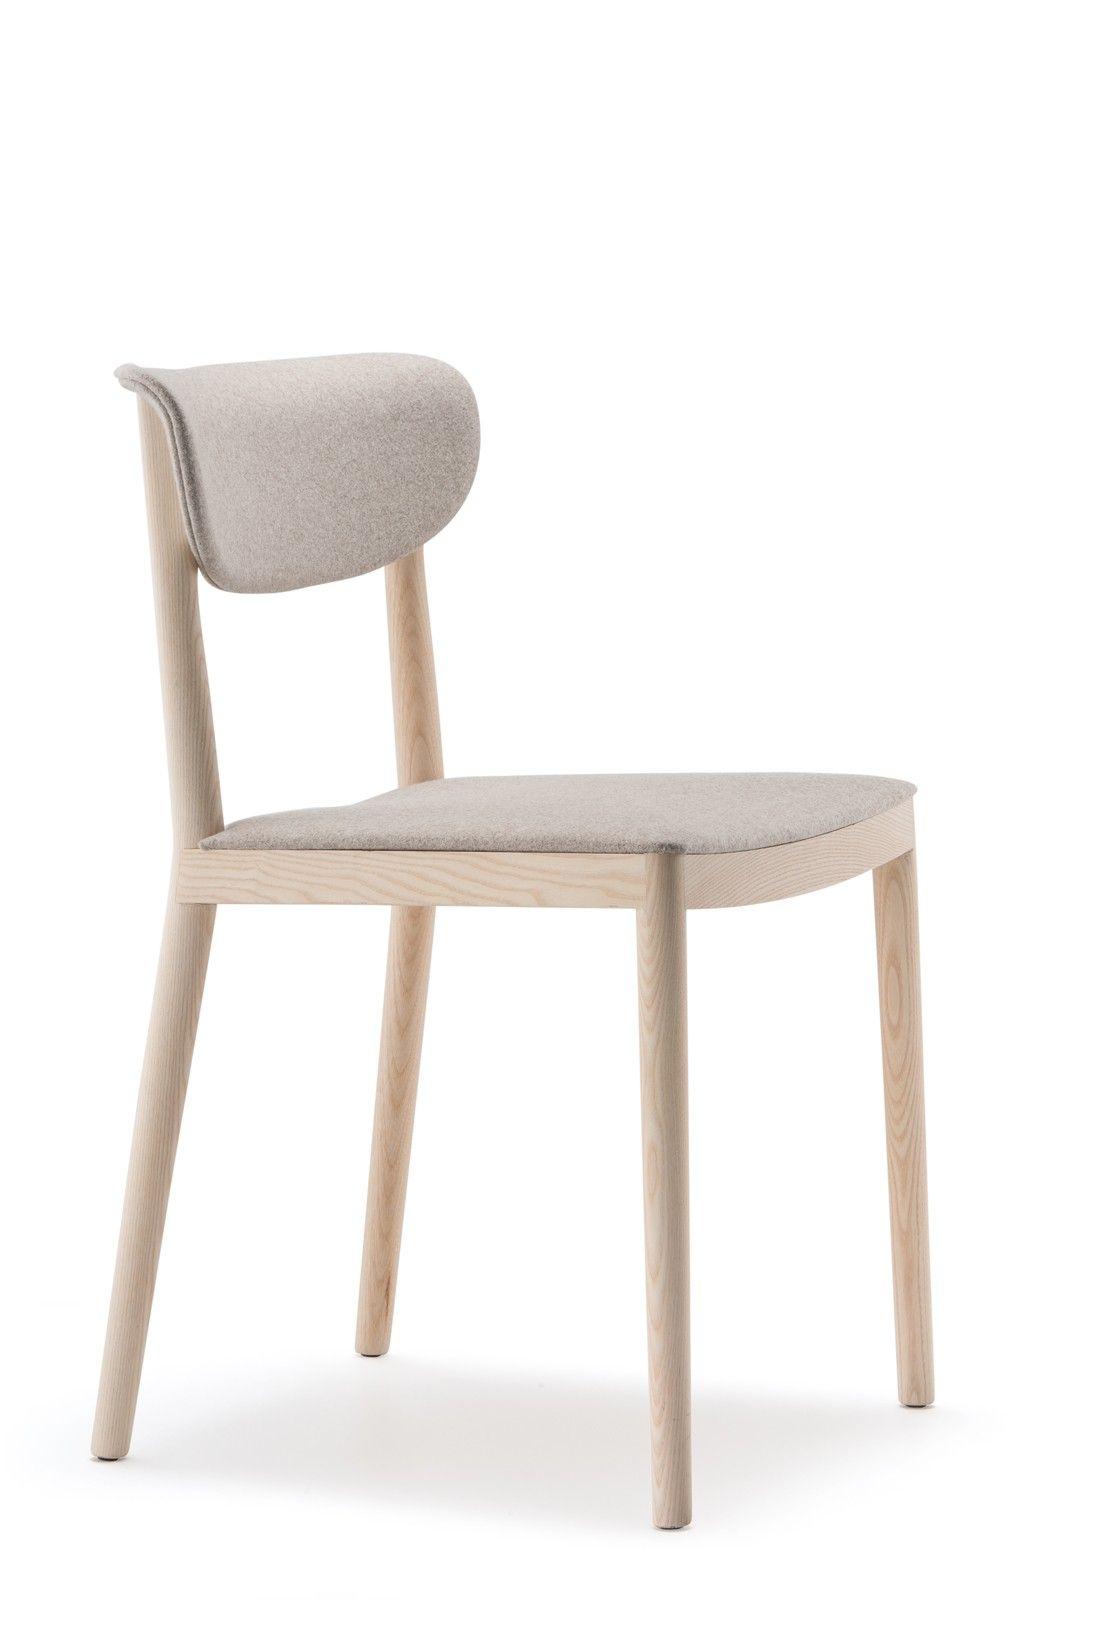 Jetzt Bei Desigano.com Tivoli Polsterstuhl Sitzmöbel, Stühle Von Pedrali Ab  Euro 557,